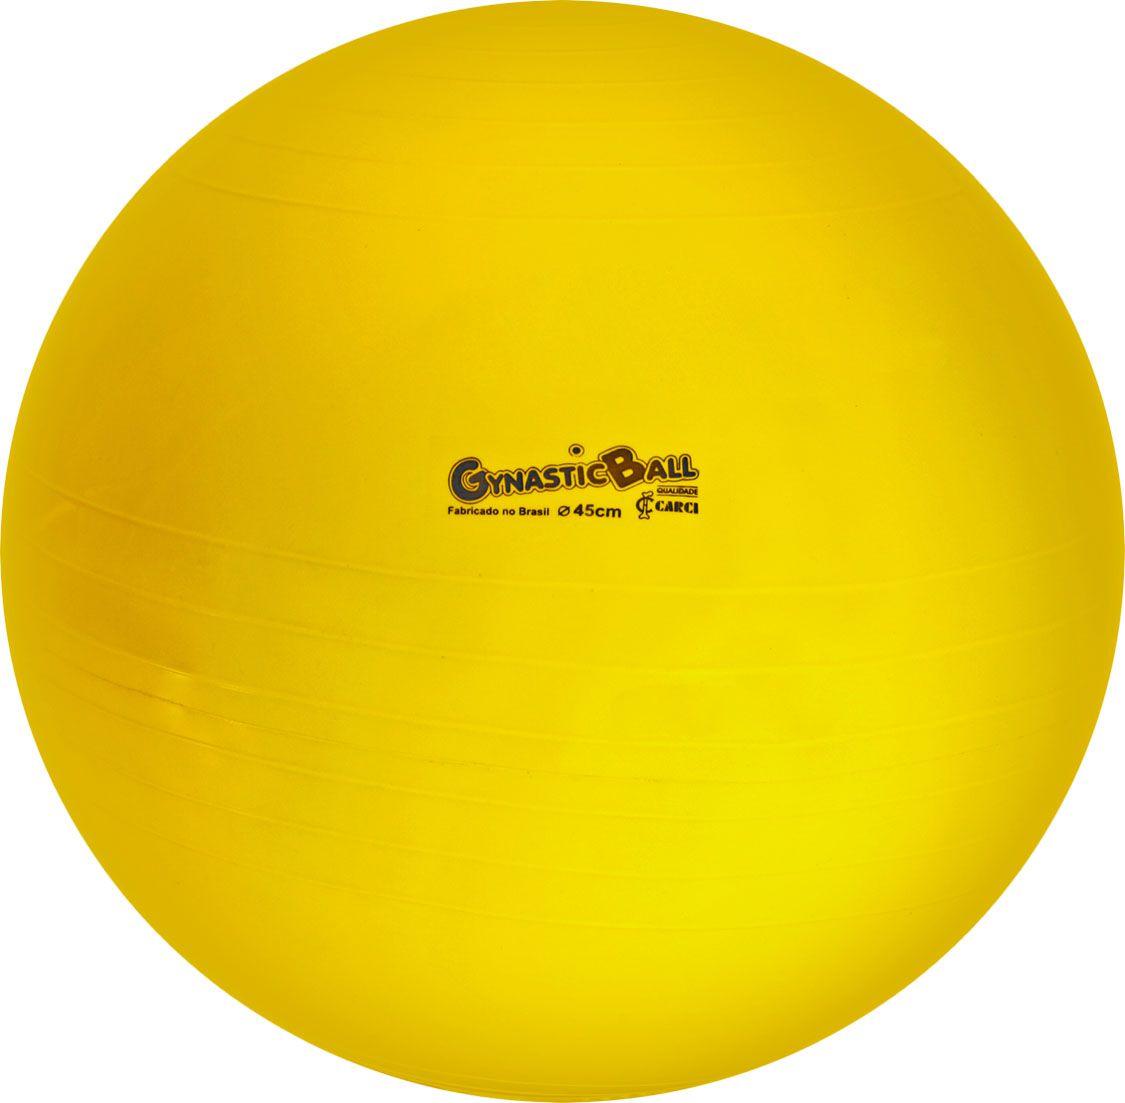 Bola suíça para pilates 45cm Gynastic Ball - amarela - BL.01.45